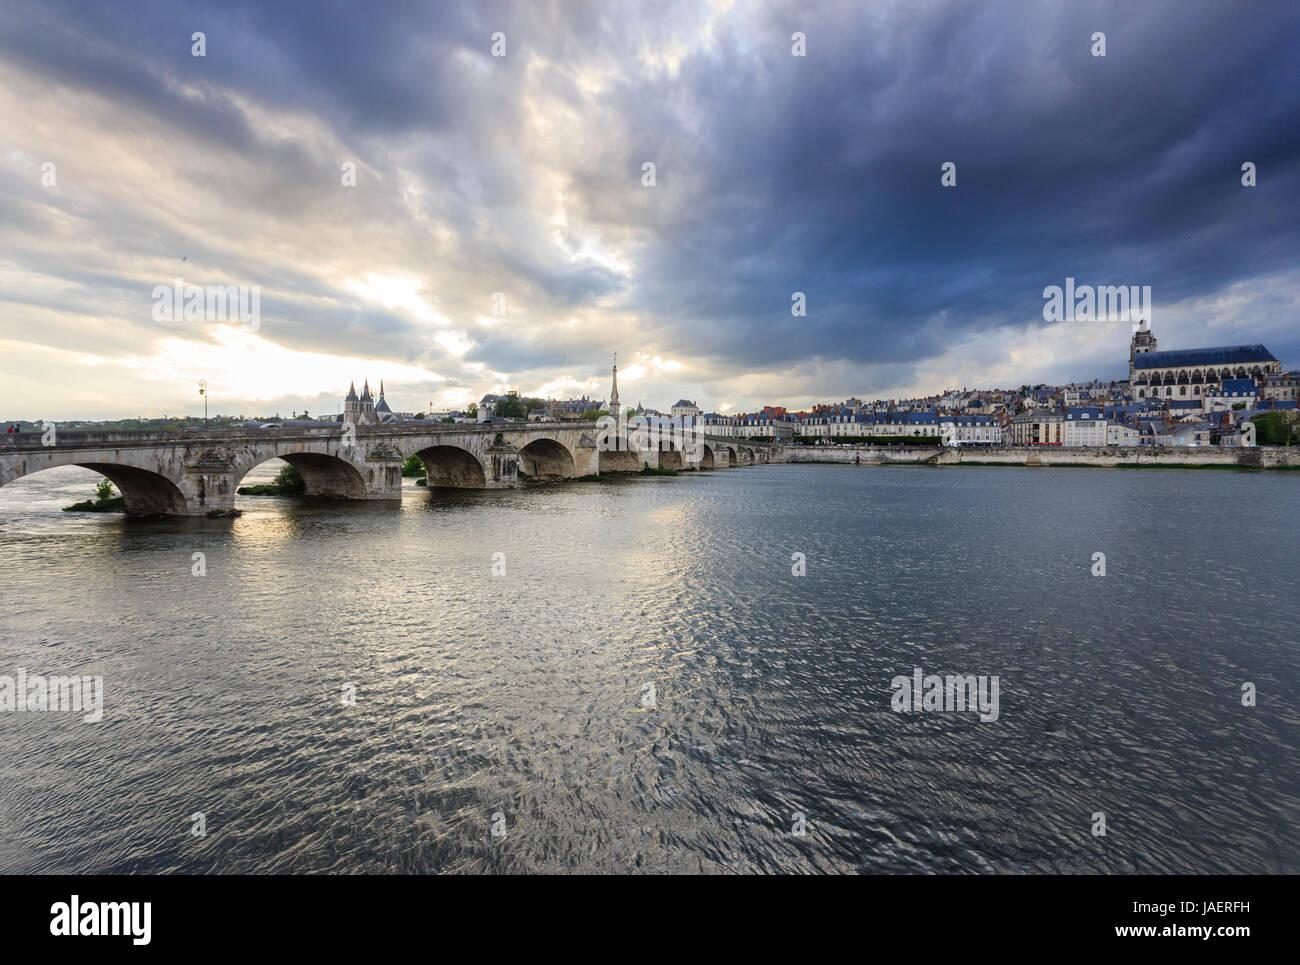 France, Loir et Cher, Blois, Loire, Jacques Gabriel Bridge, Saint Louis Cathedral on the right and Saint Nicolas - Stock Image